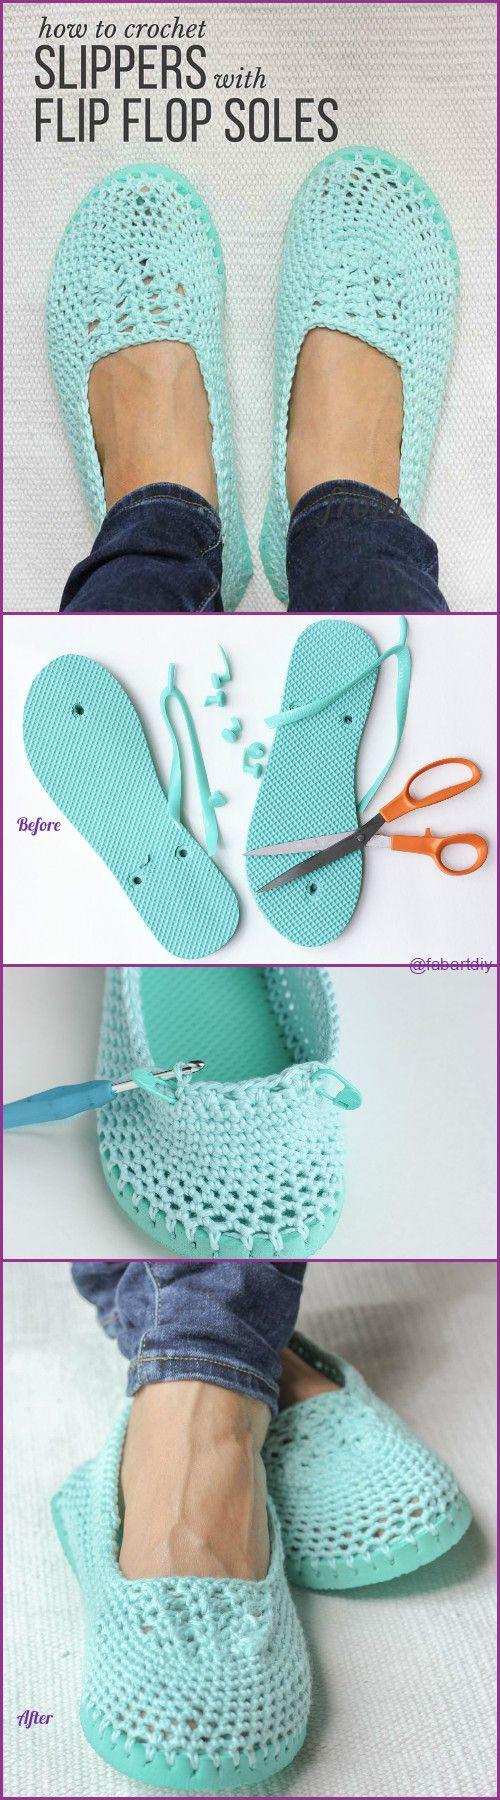 DIY Crochet Slipper with Flip Flop Sole Pattern, What a Great Idea and so easy to make. #Crochet, #Shoe => http://www.fabartdiy.com/diy-crochet-slipper-flip-flop-sole-pattern/